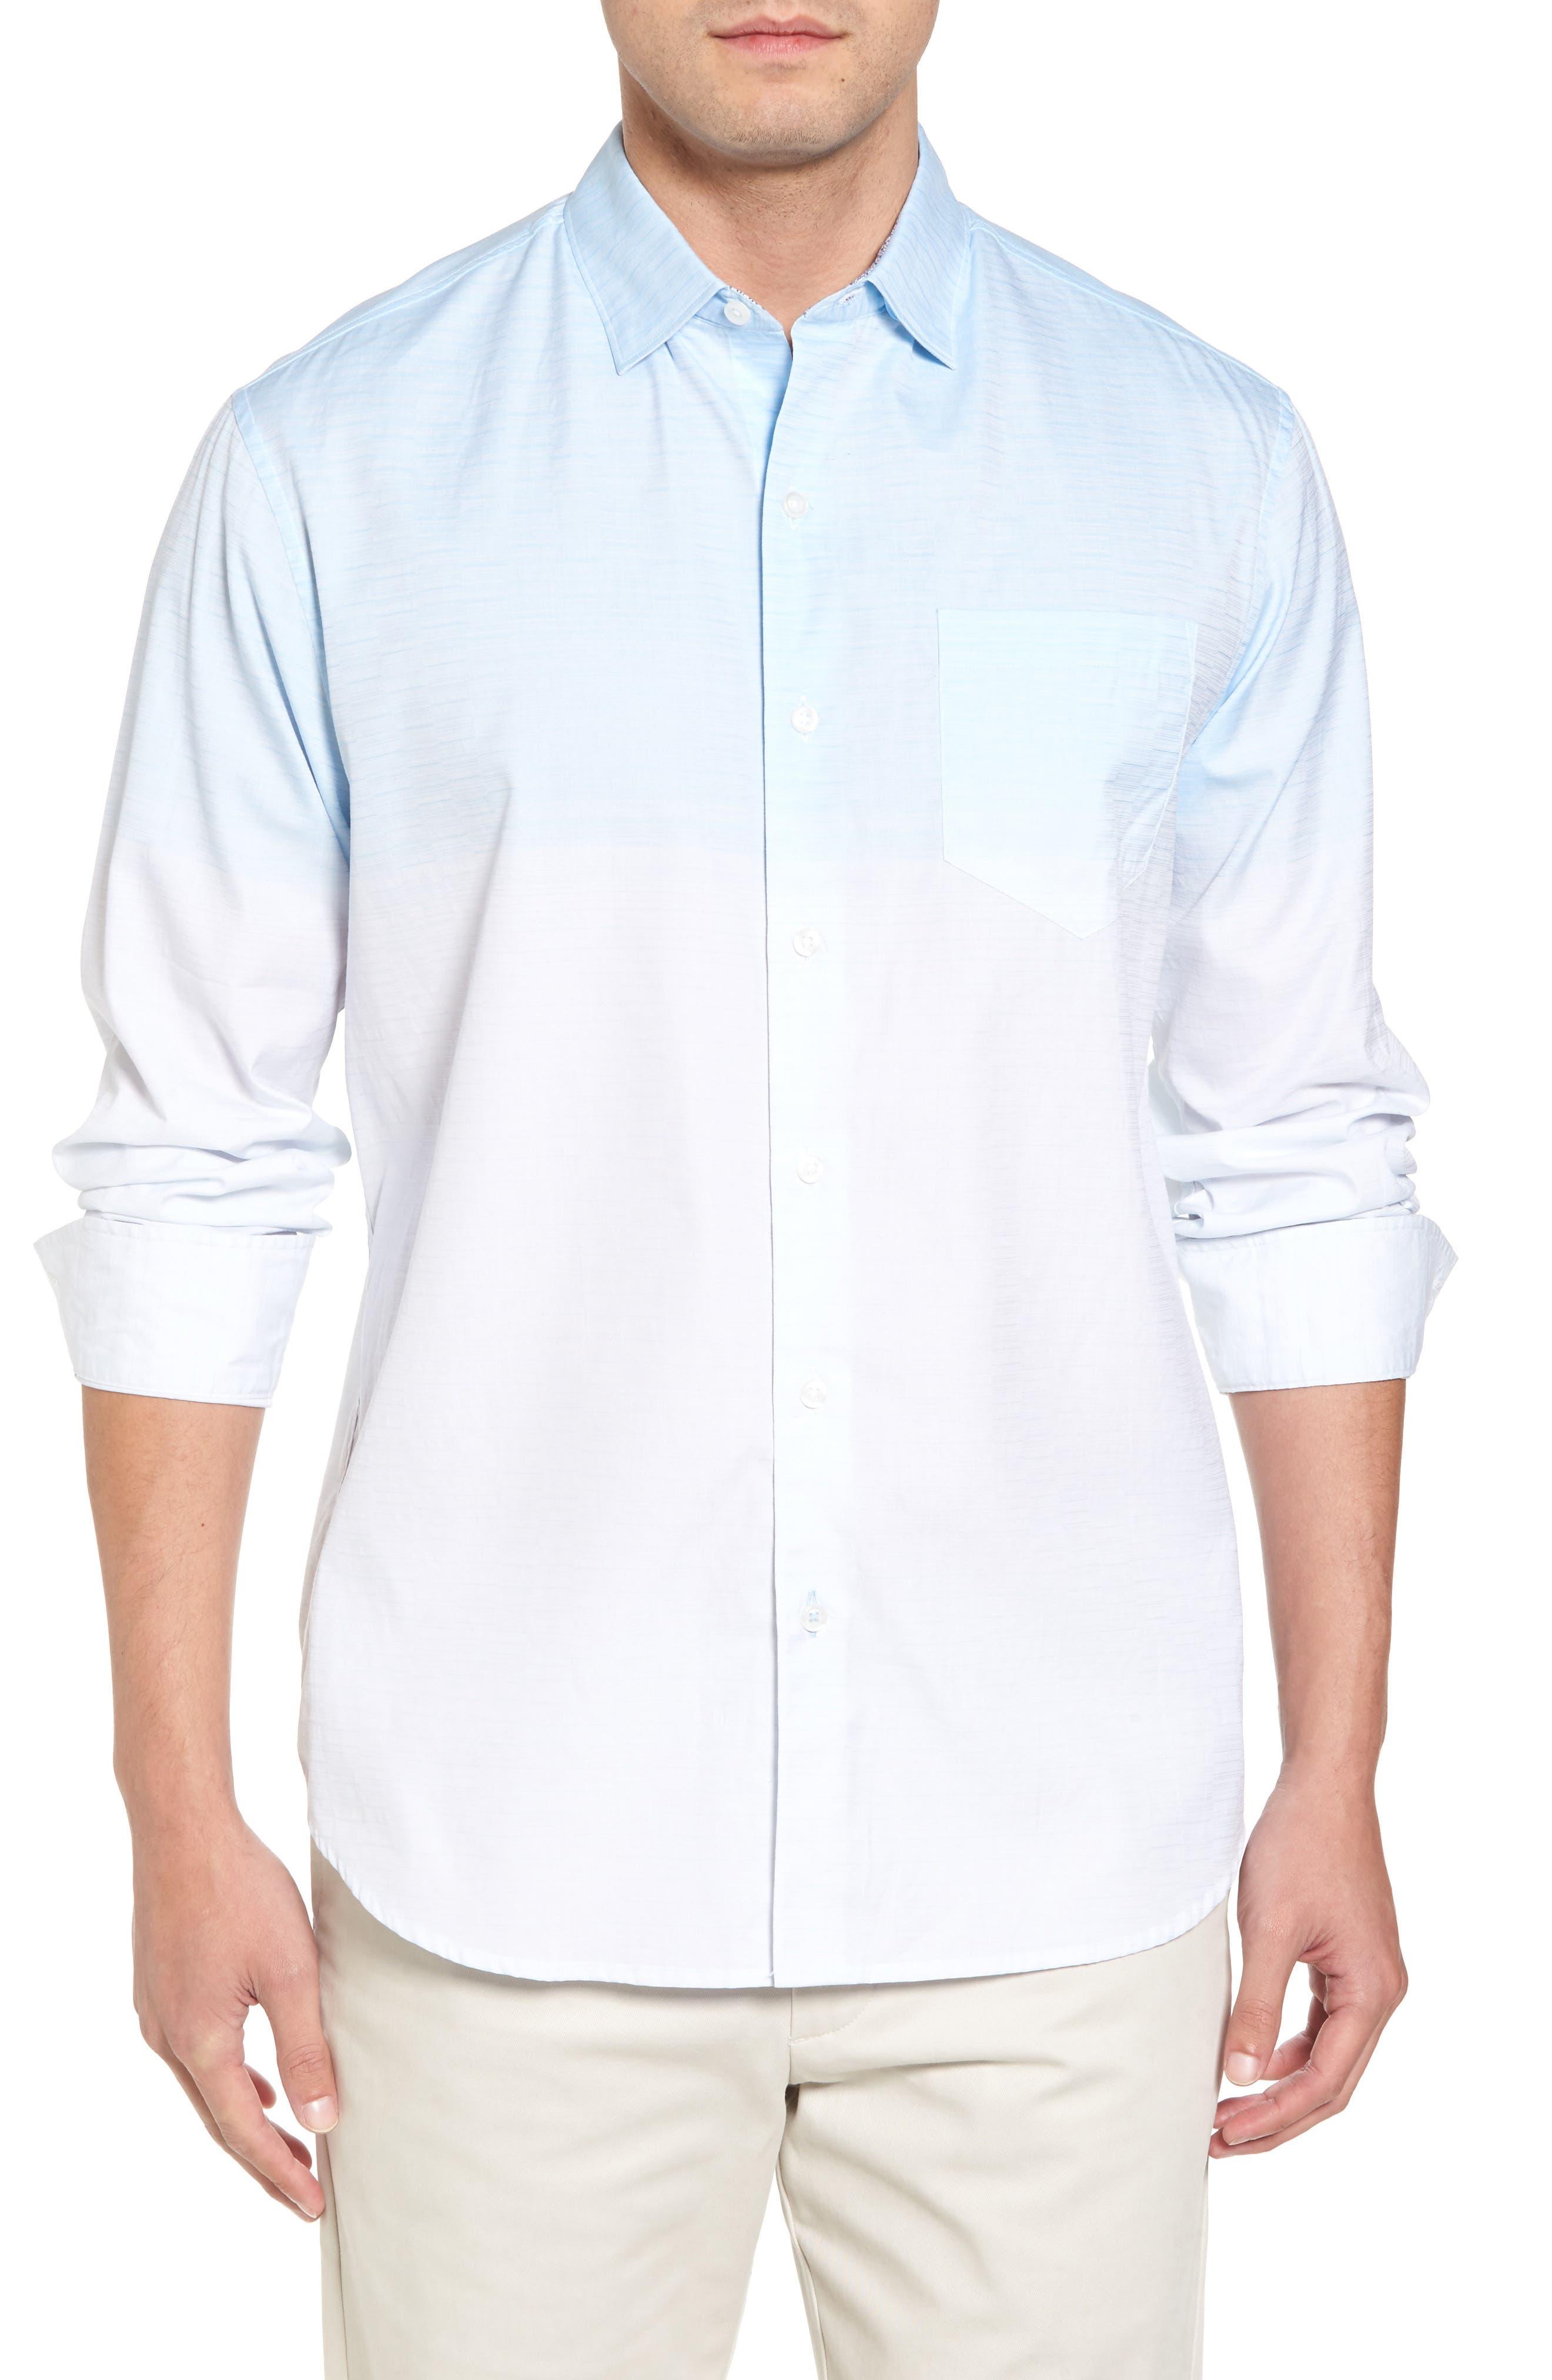 Palm Bay Ombré Sport Shirt,                             Main thumbnail 1, color,                             400